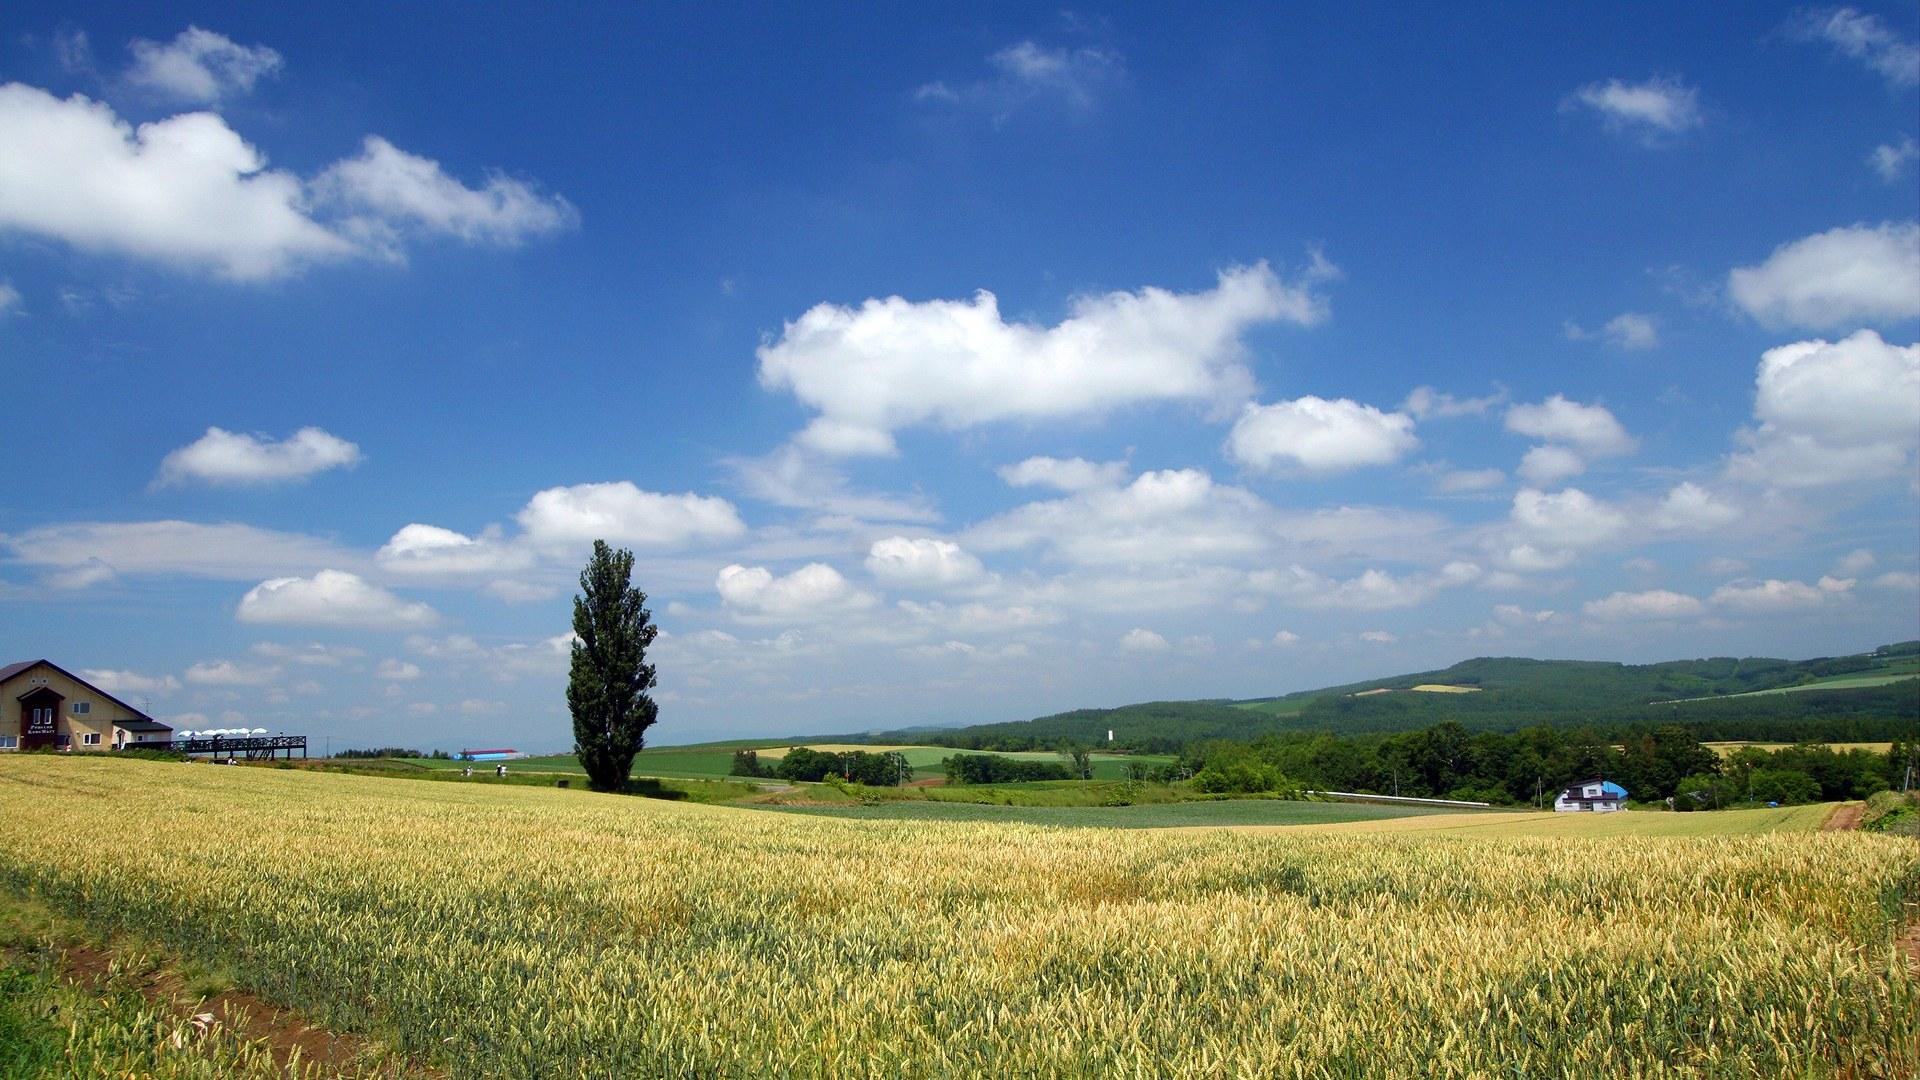 壁纸图片-风景壁纸-风景图片素材-桌面壁纸 壁纸1920×1080北海道天堂